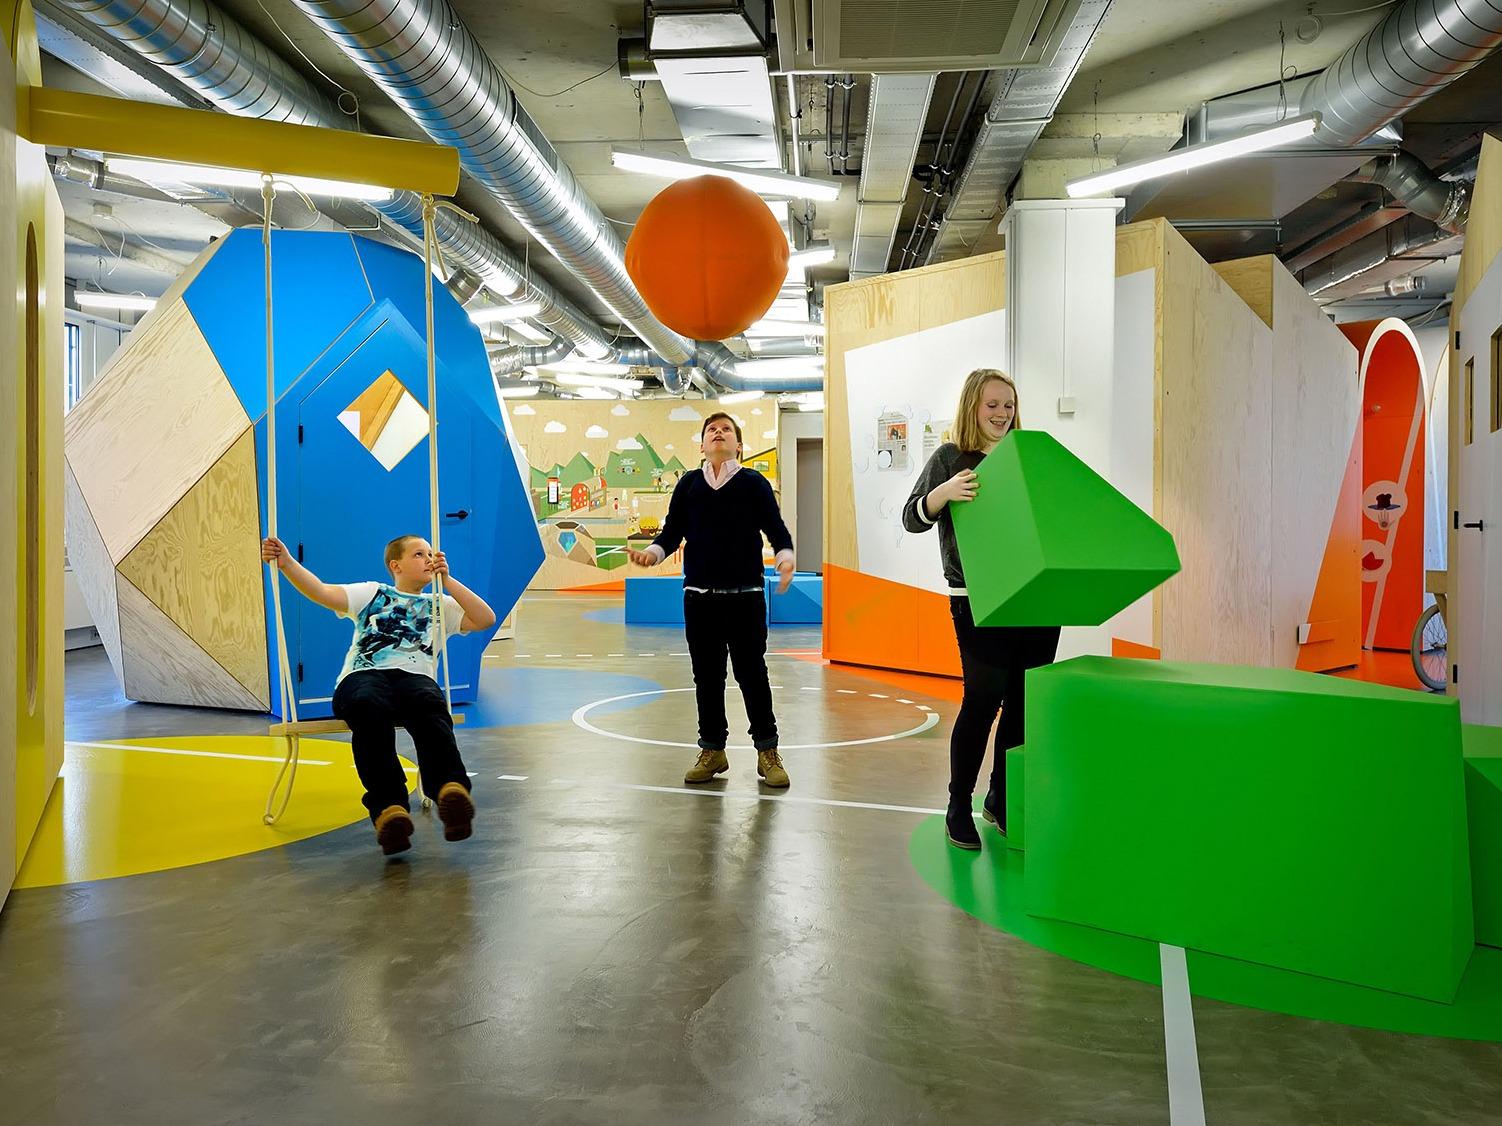 荷兰Maastricht UMC+超重青少年及儿童互动医疗中心